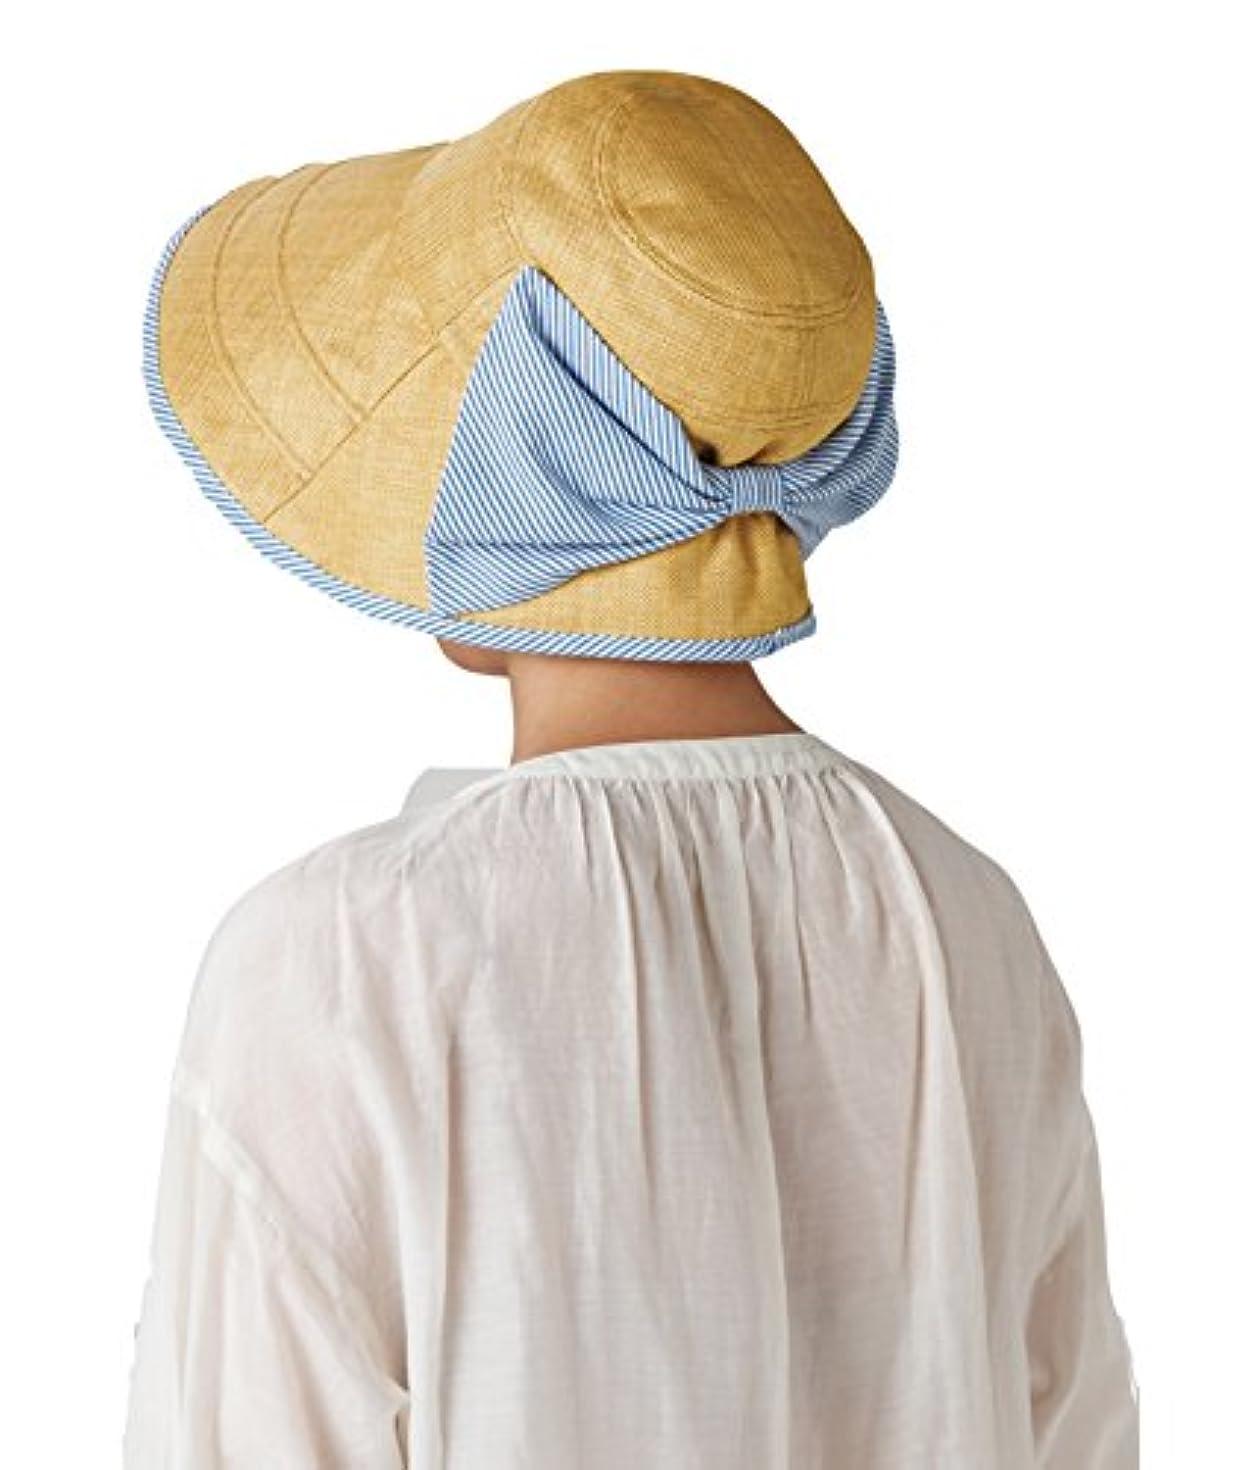 くしゃくしゃガム単なるセルヴァン 大きなリボンのつば広日よけ帽子 ベージュ